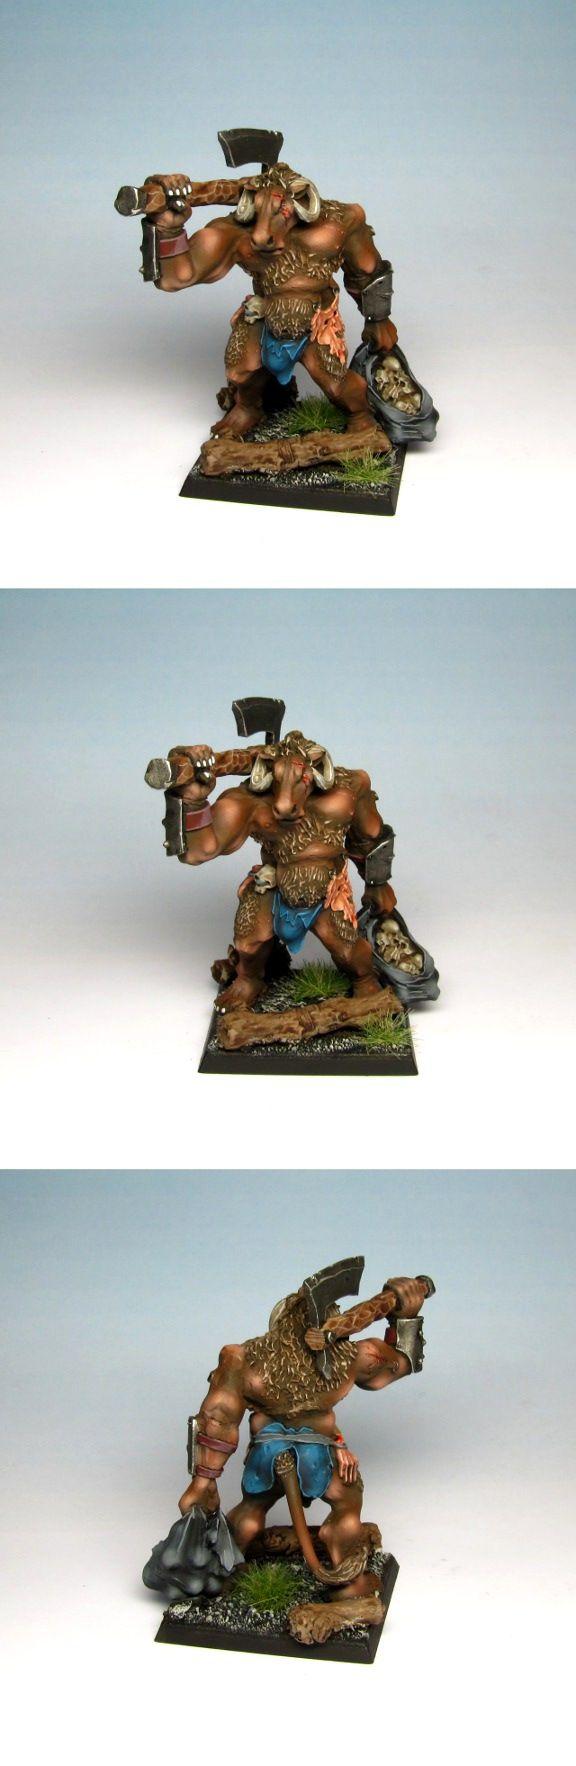 Beastmen Minotaur. #beastmen #warhammer #mordheim #miniaturepainting